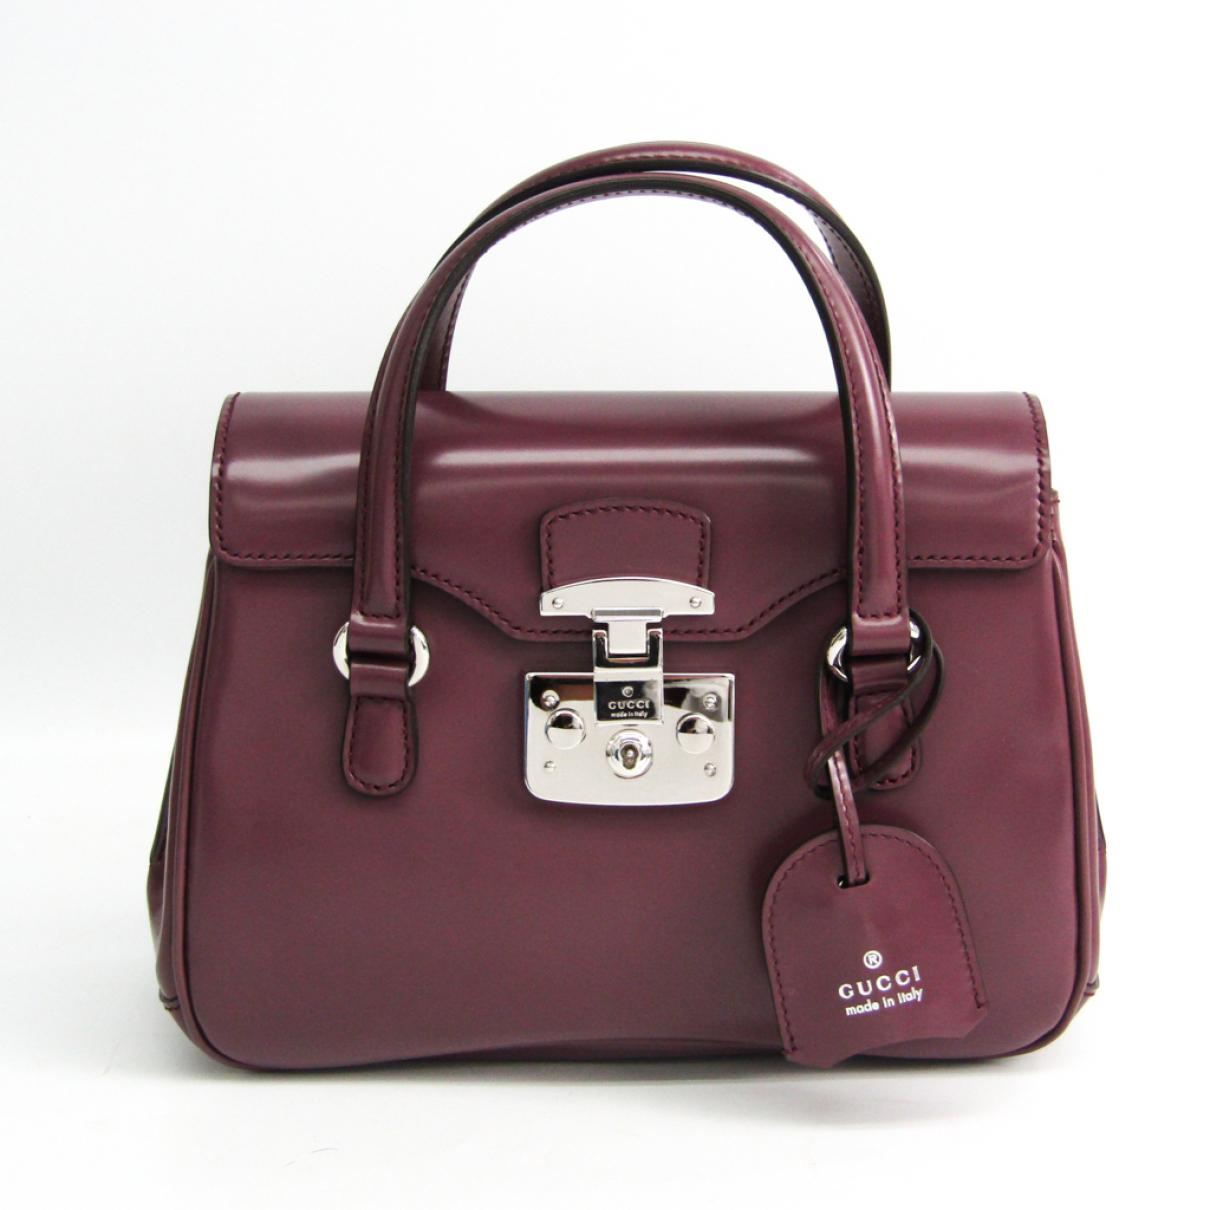 Gucci - Sac a main   pour femme en cuir - violet